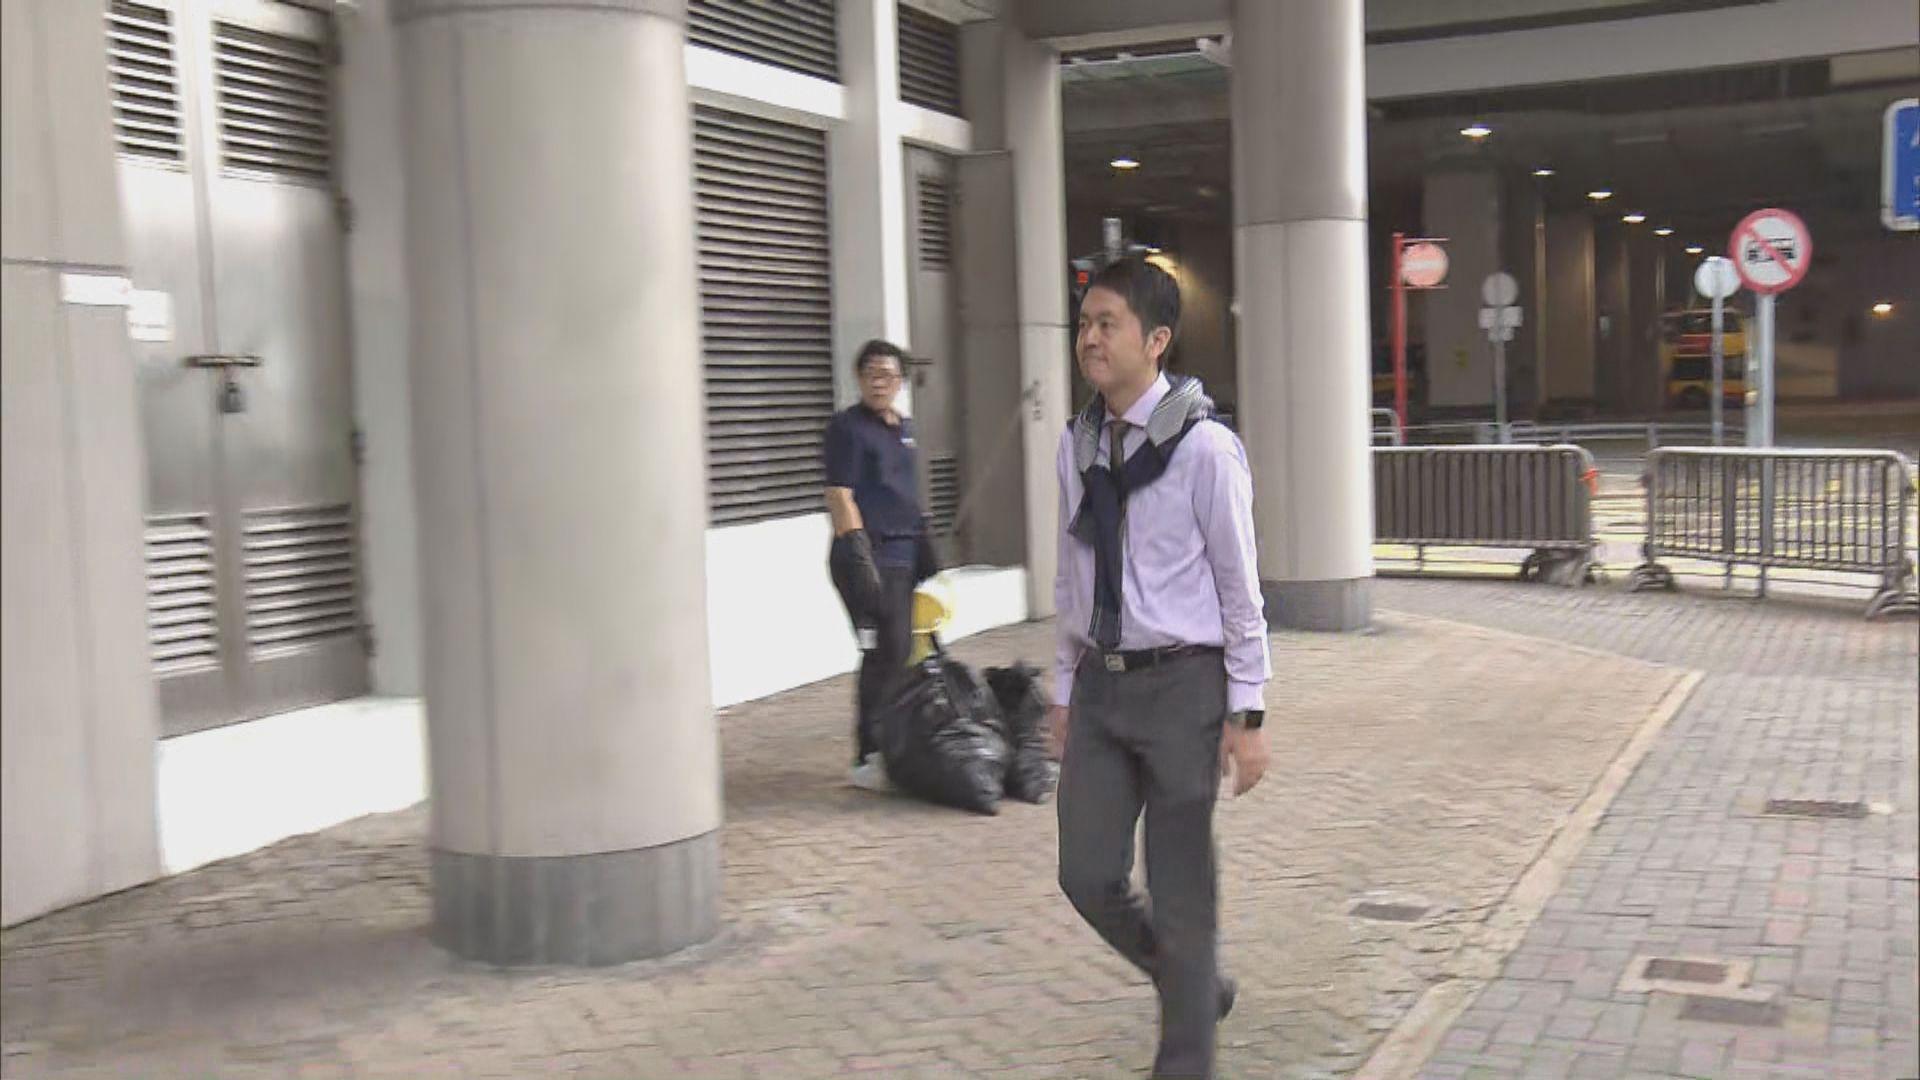 許智峯:搶手機為要阻止違法記錄議員行蹤